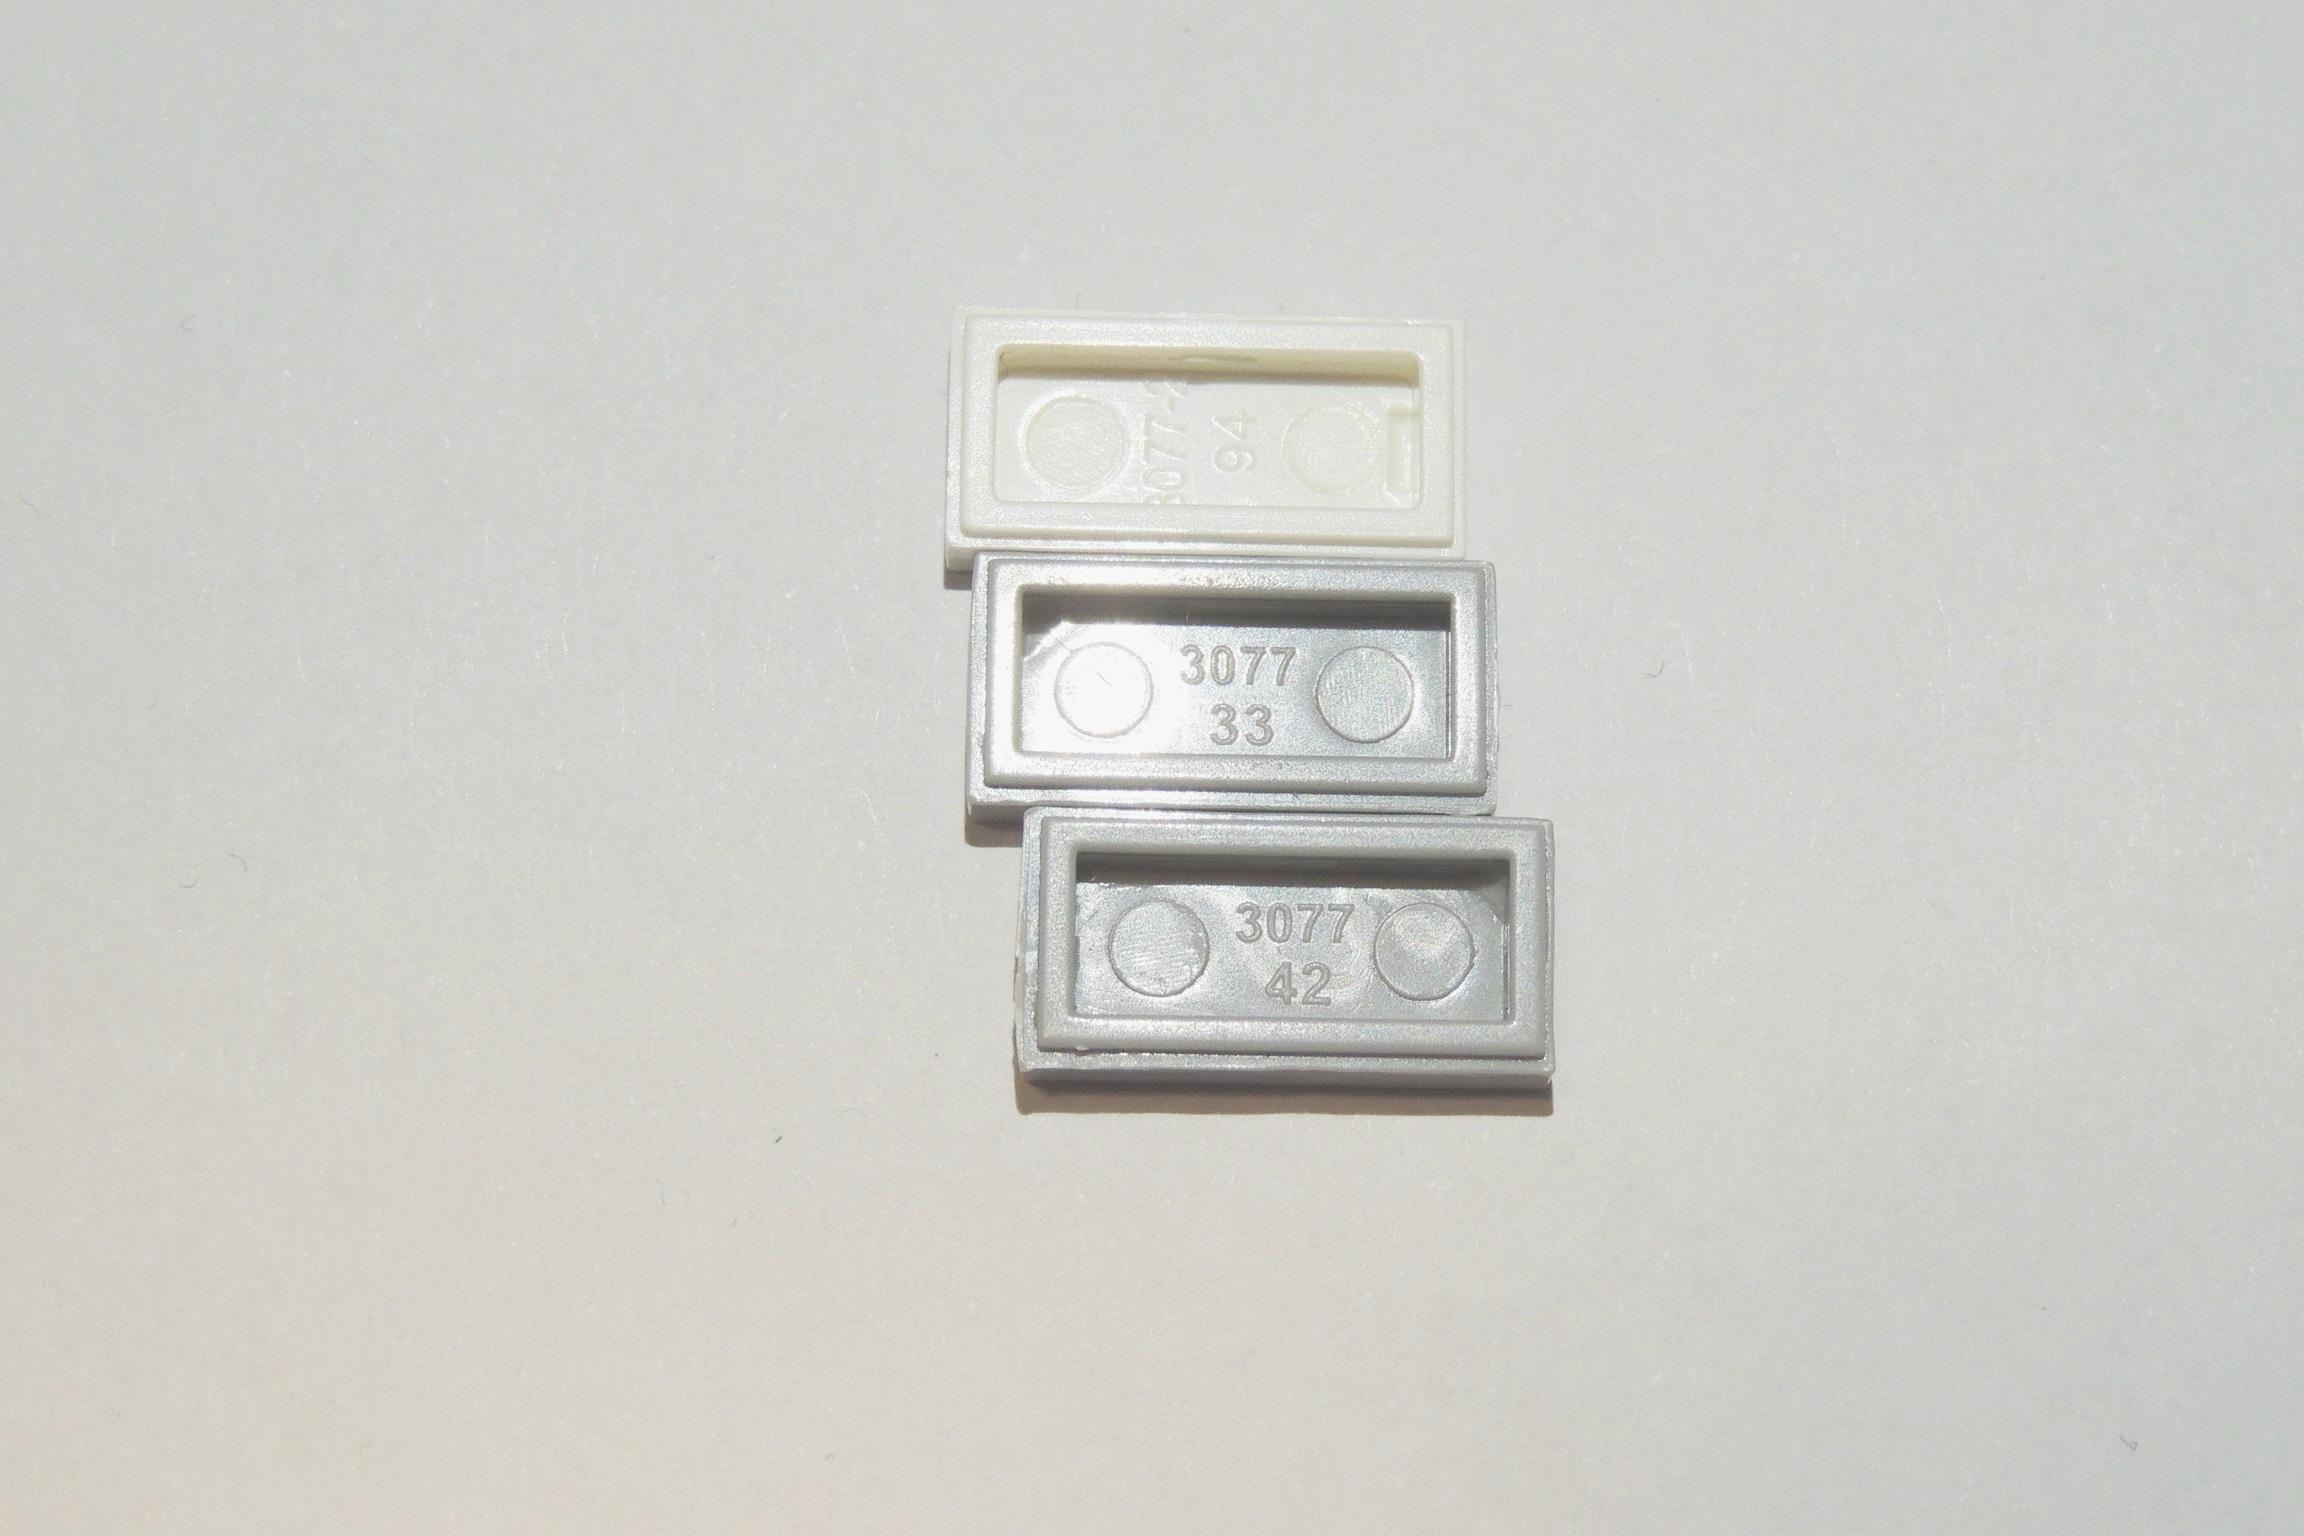 Drei Varianten, alle 3077 von Qun Long.